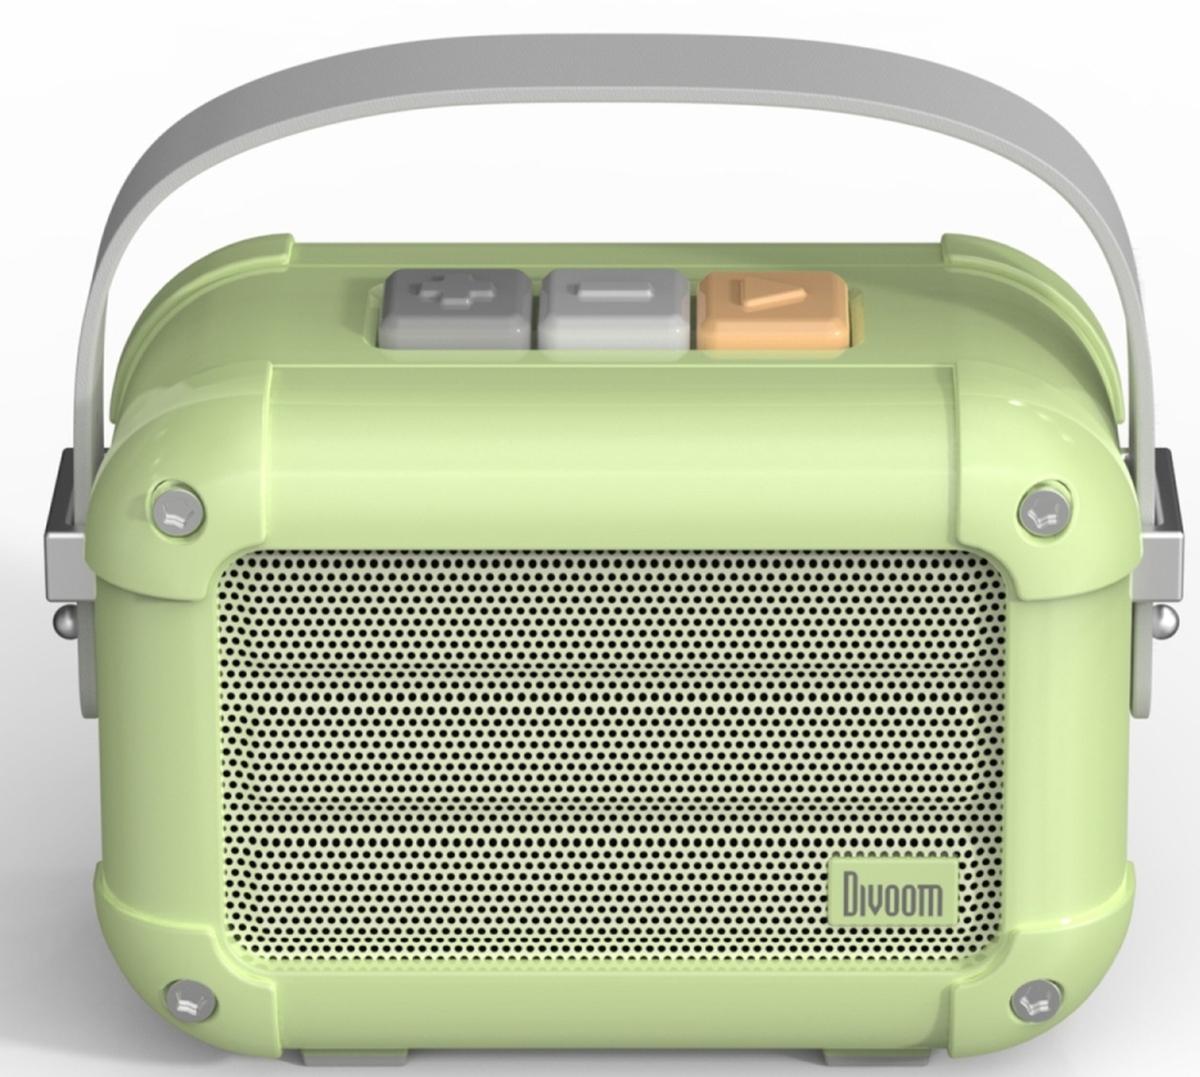 Divoom Macchiato blåtann-høyttaler grønn TWS 6w301003